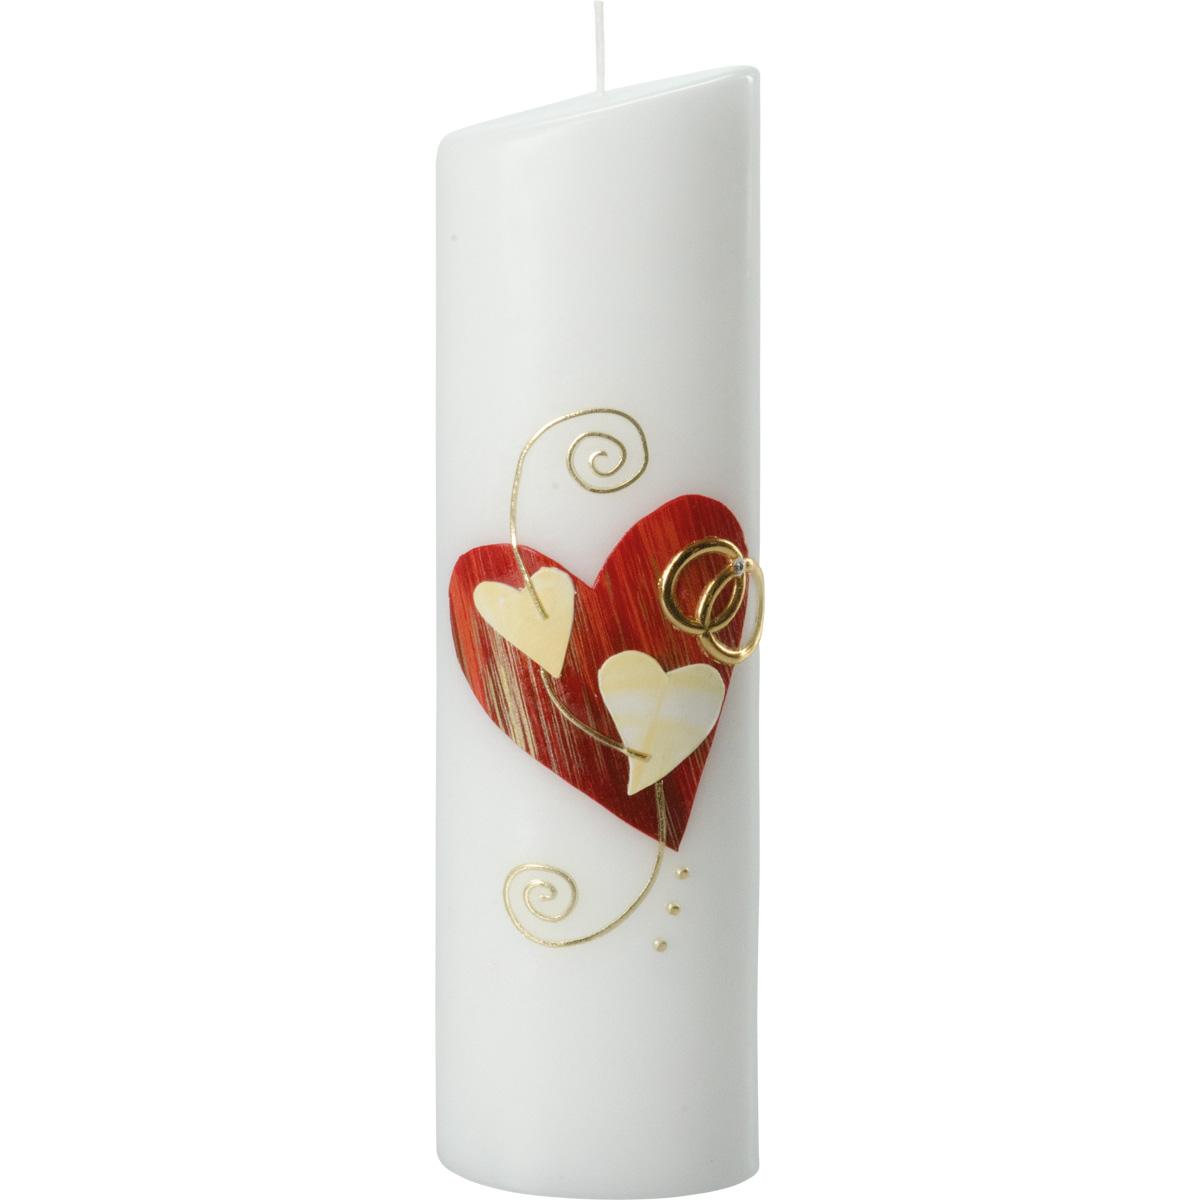 Hochzeitskerze, 278, Oval 240x65x45, Herz-rot, Herzen-weiß-creme, gold